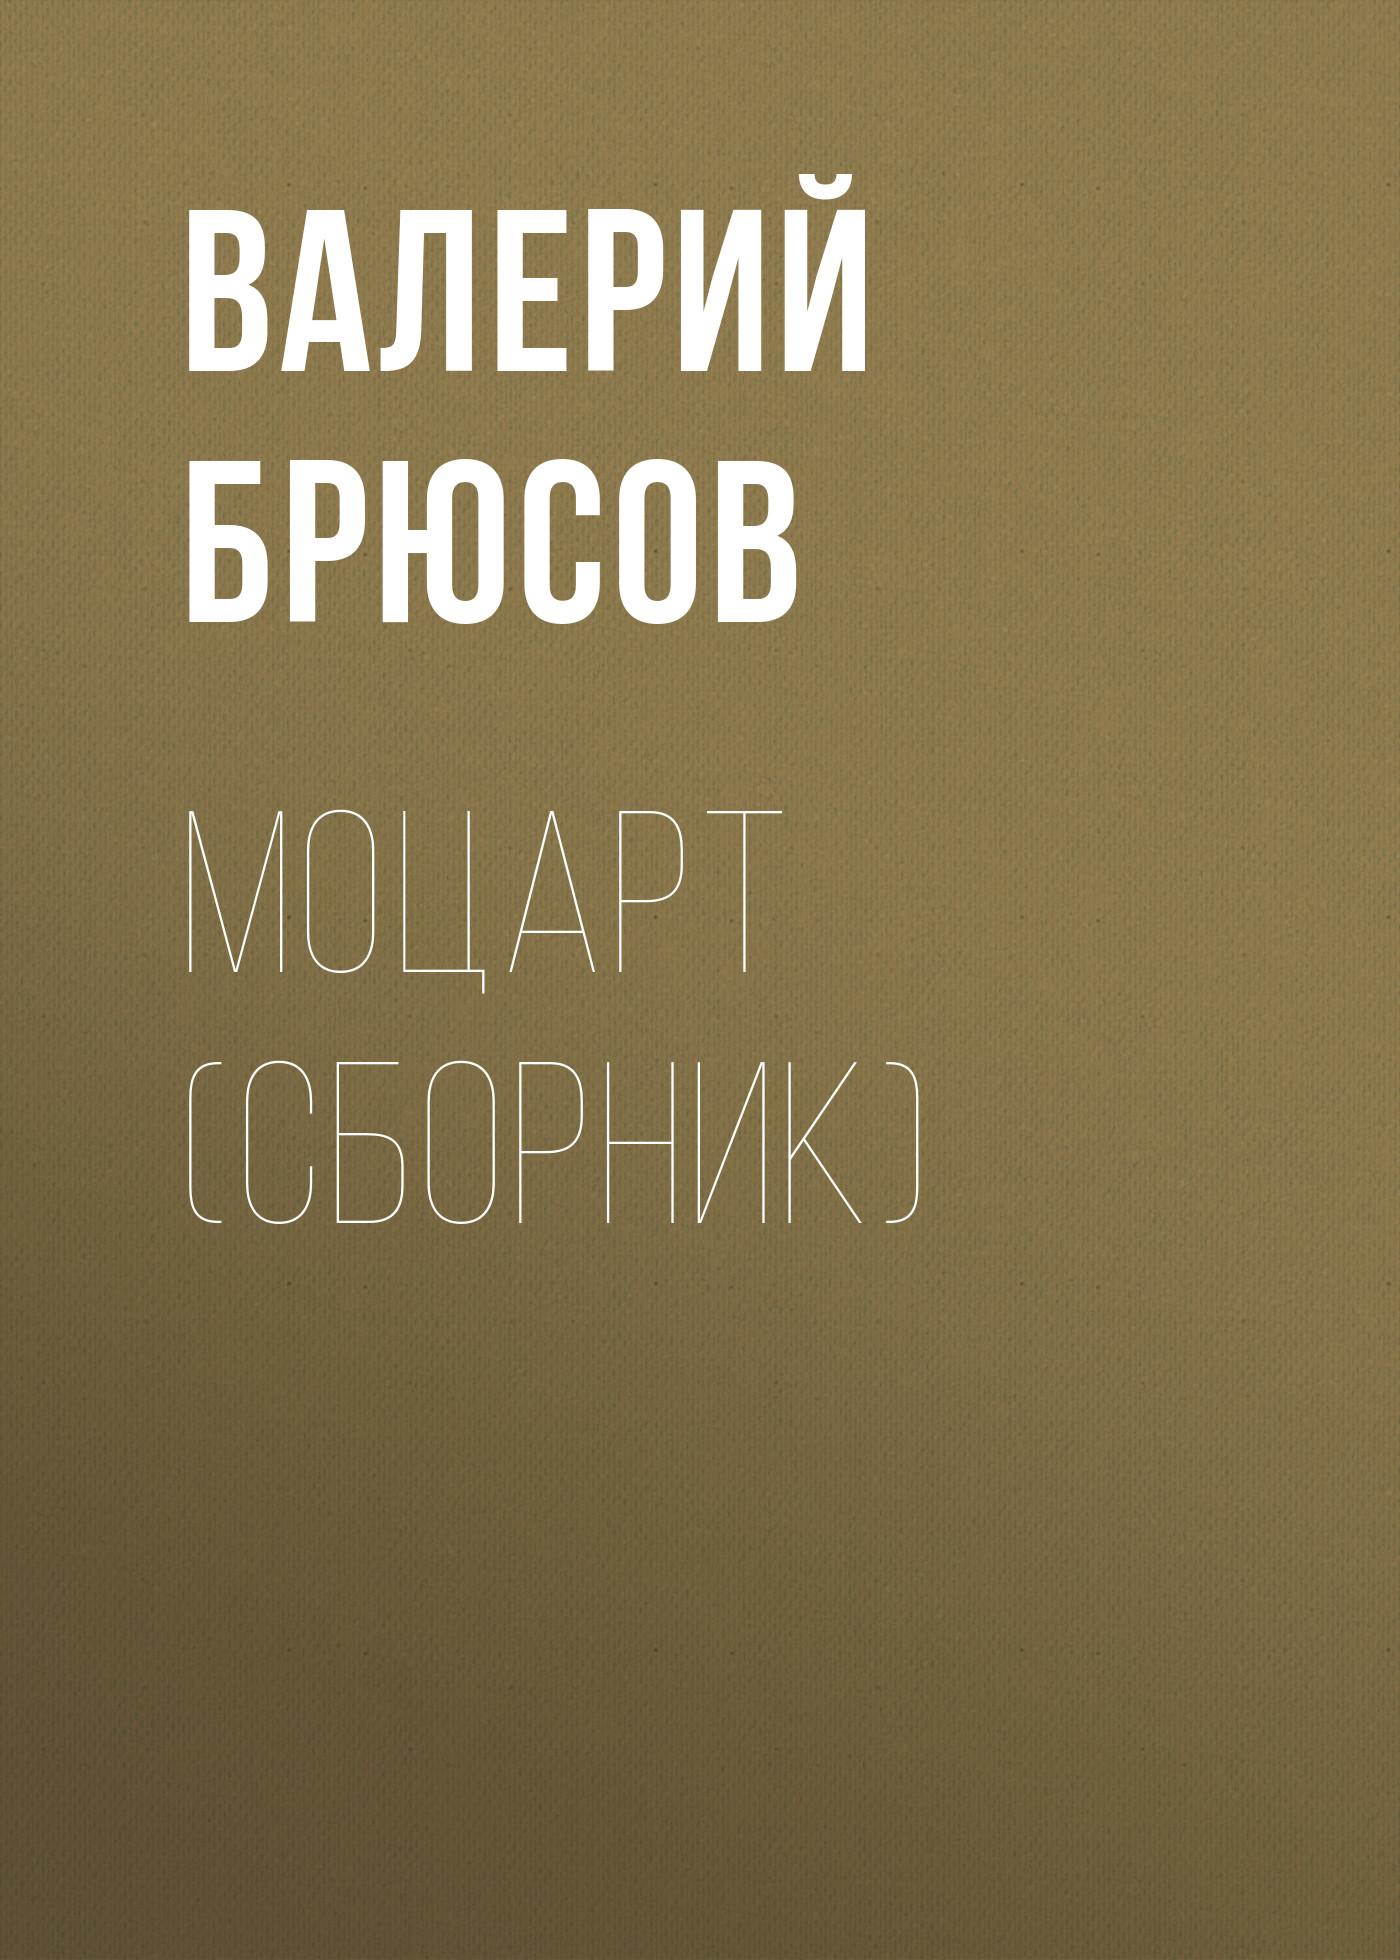 Валерий Брюсов Моцарт (сборник) валерий брюсов рассказы